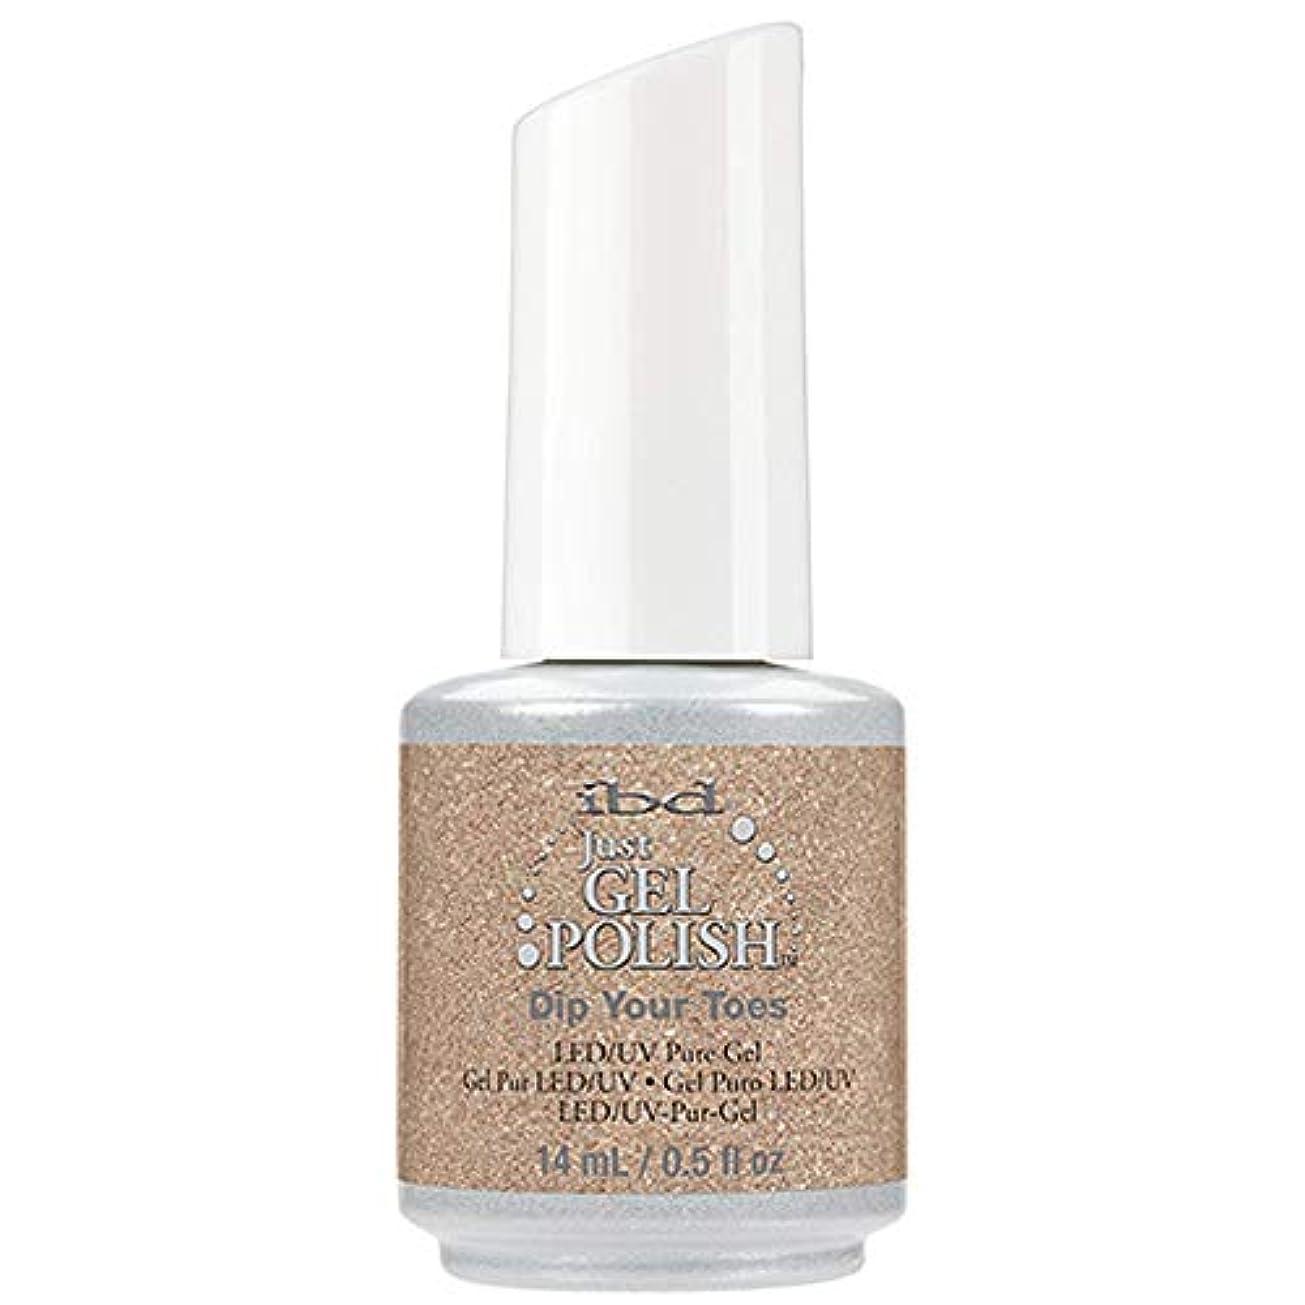 専門デイジーシダibd Just Gel Nail Polish - Dip Your Toes - 14ml / 0.5oz